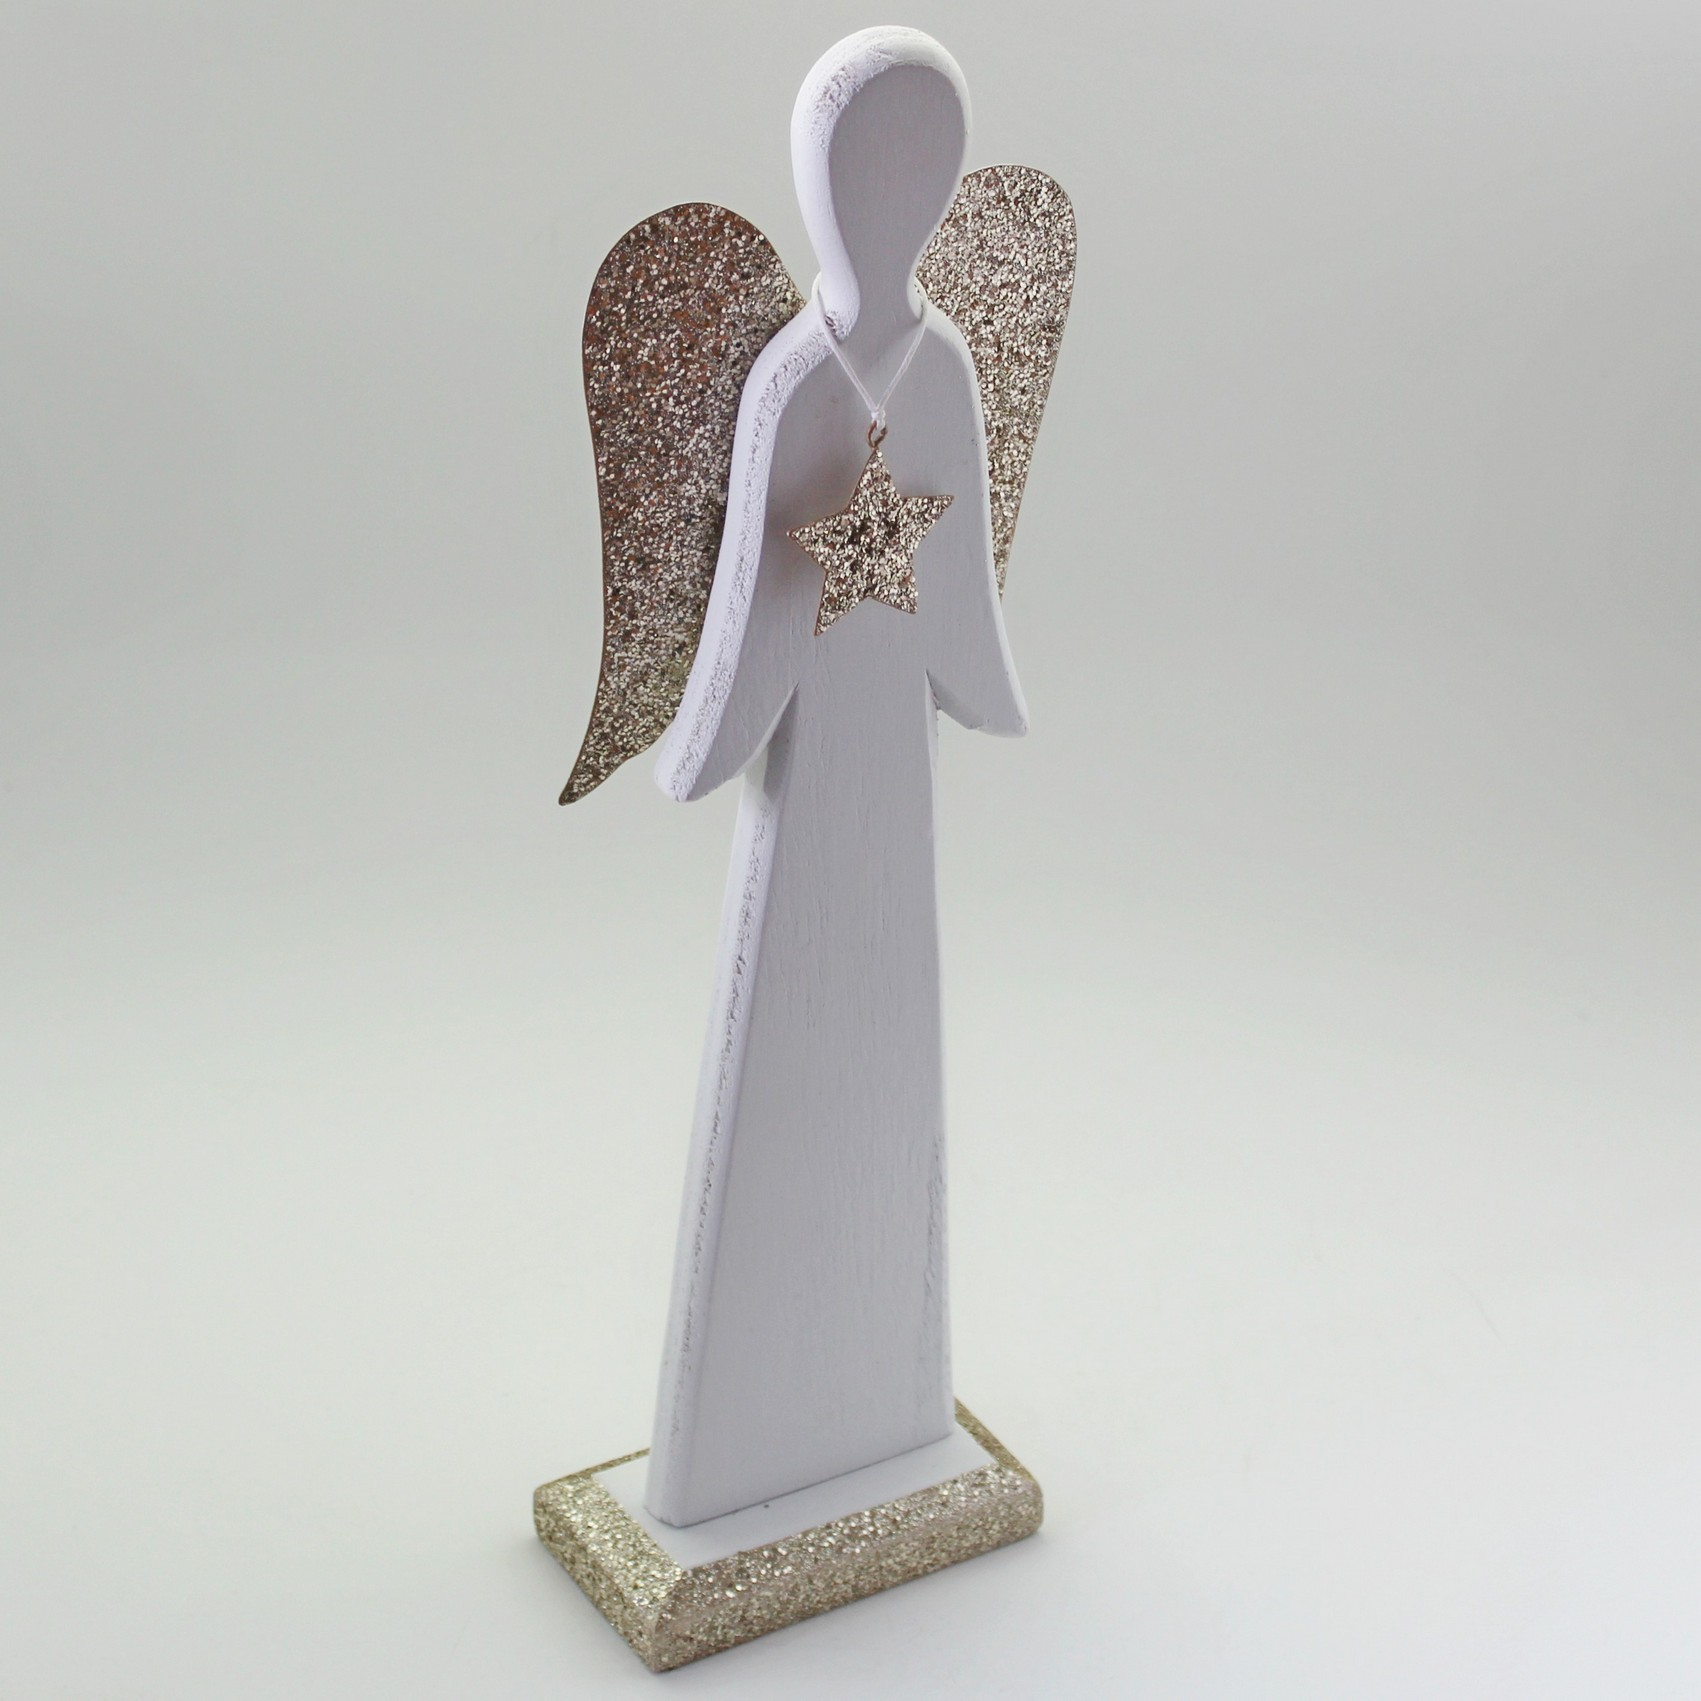 Anděl dřevo 38cm bílá/zlatá